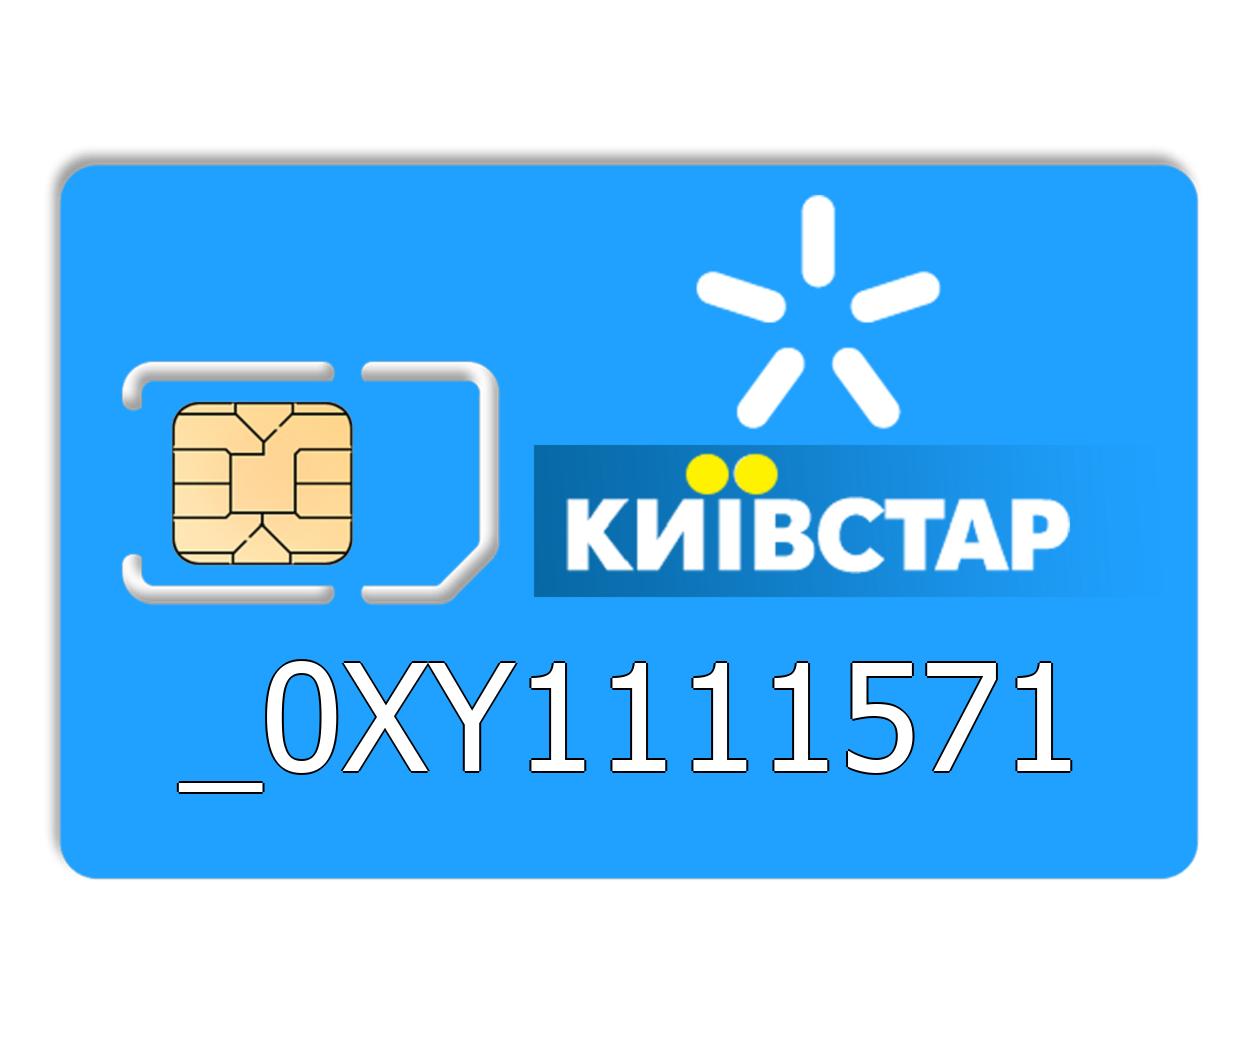 Красивый номер Киевстар 0XY-1111-571